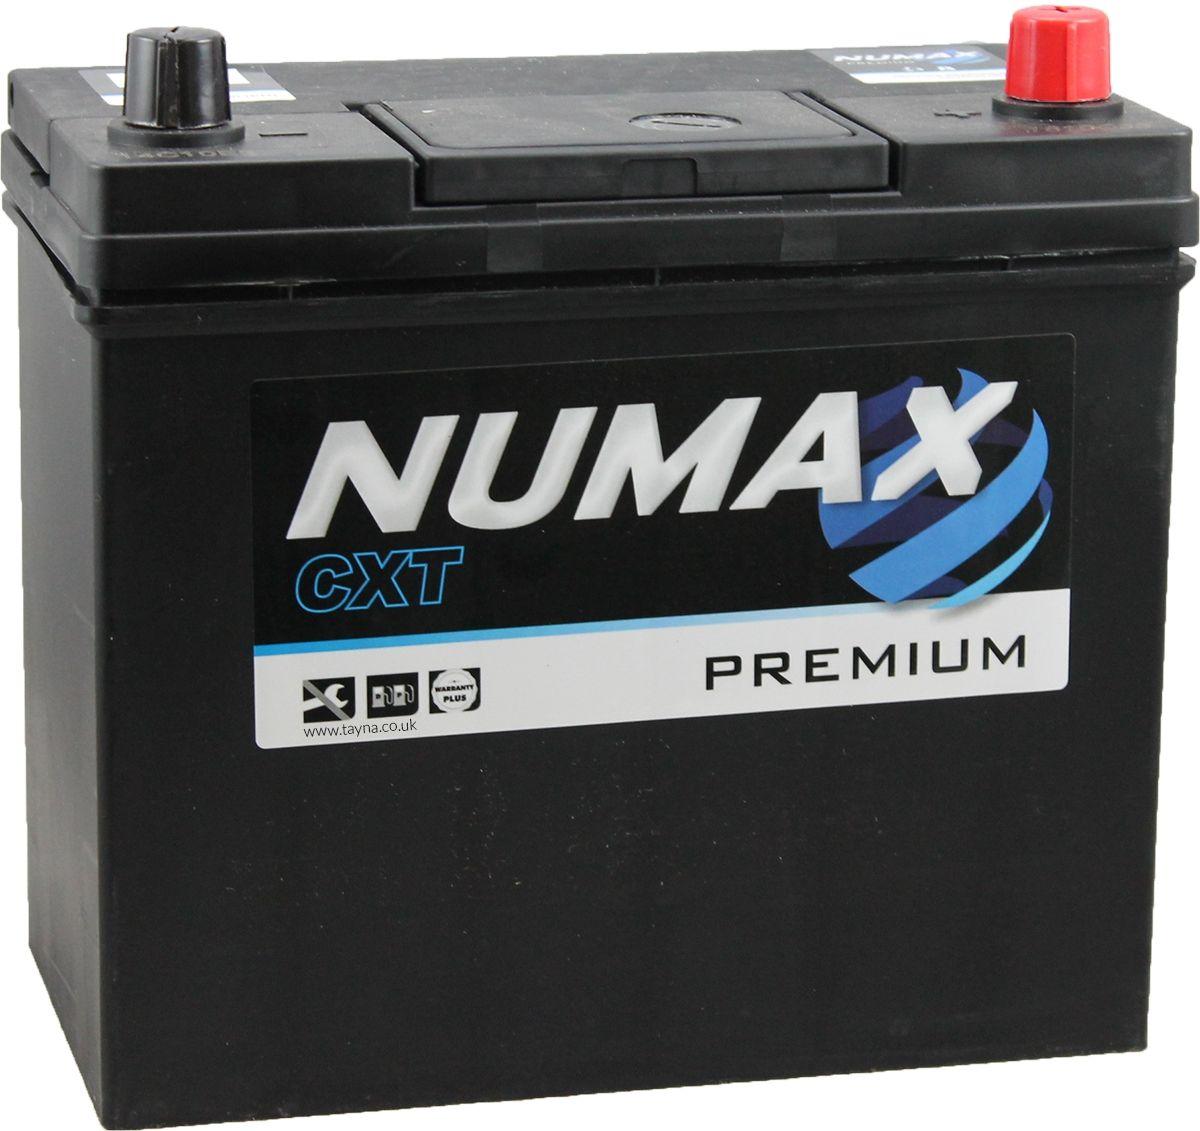 009L Numax Car Battery 12V 55AH